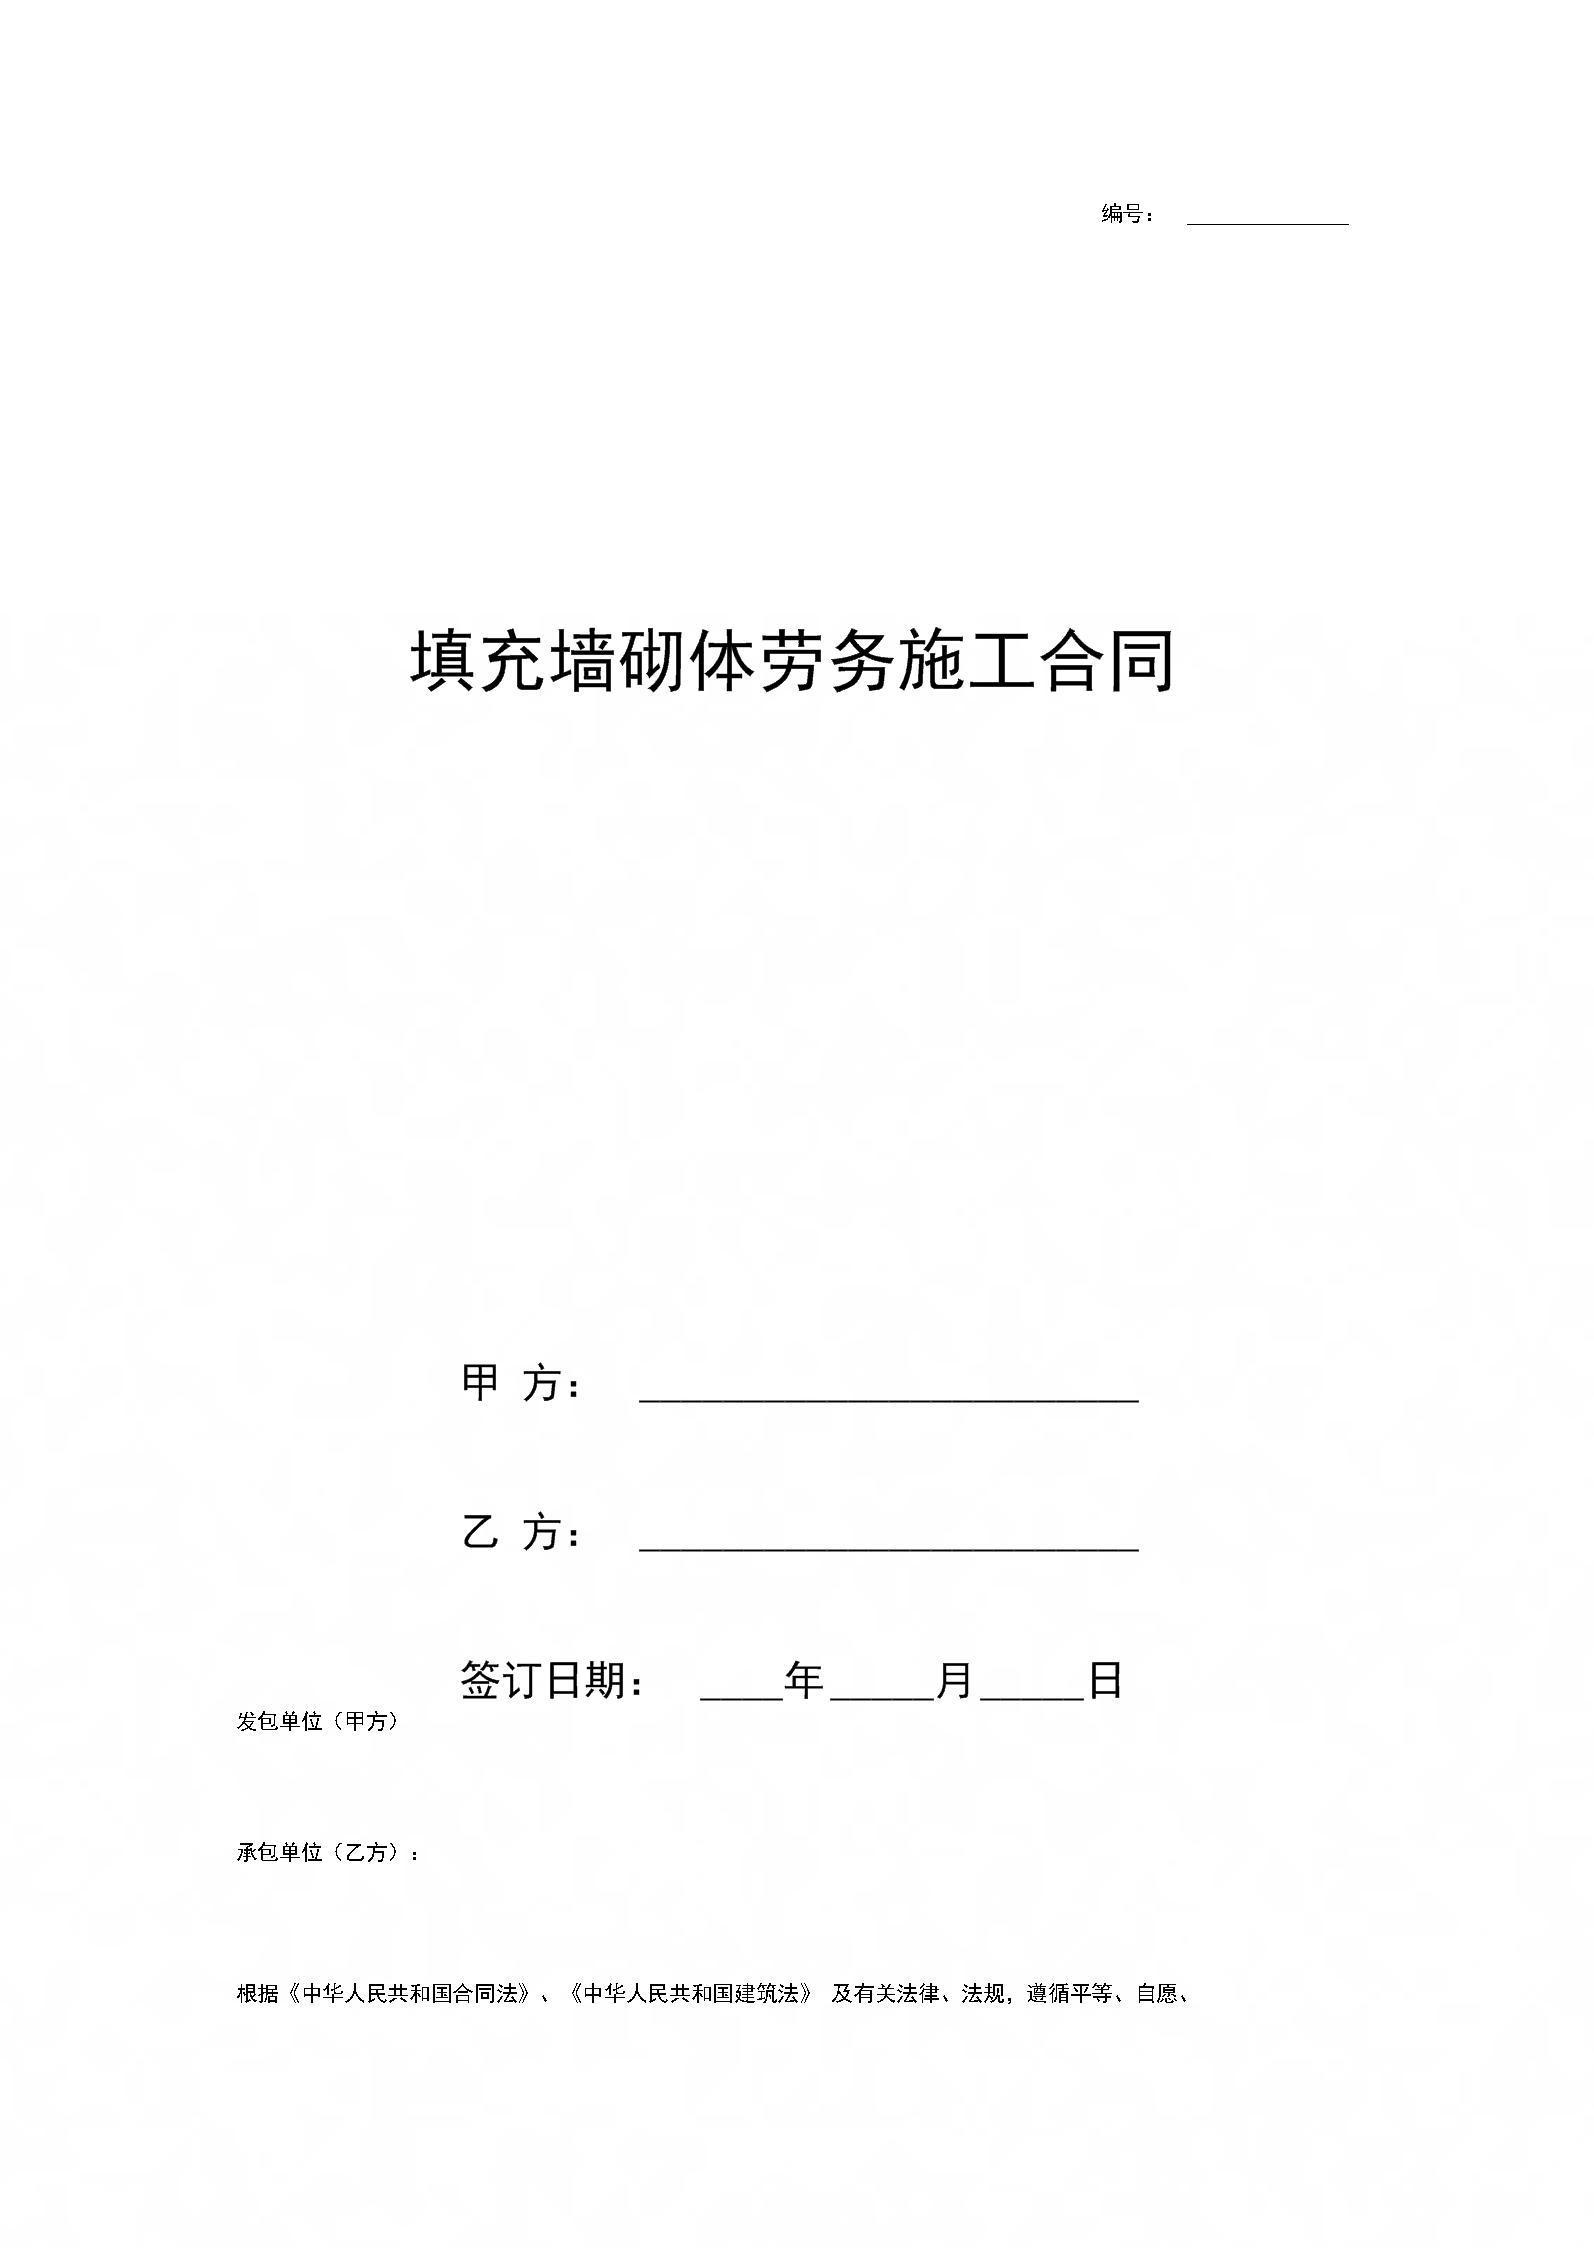 填充墙砌体劳务施工合同协议书范本.docx